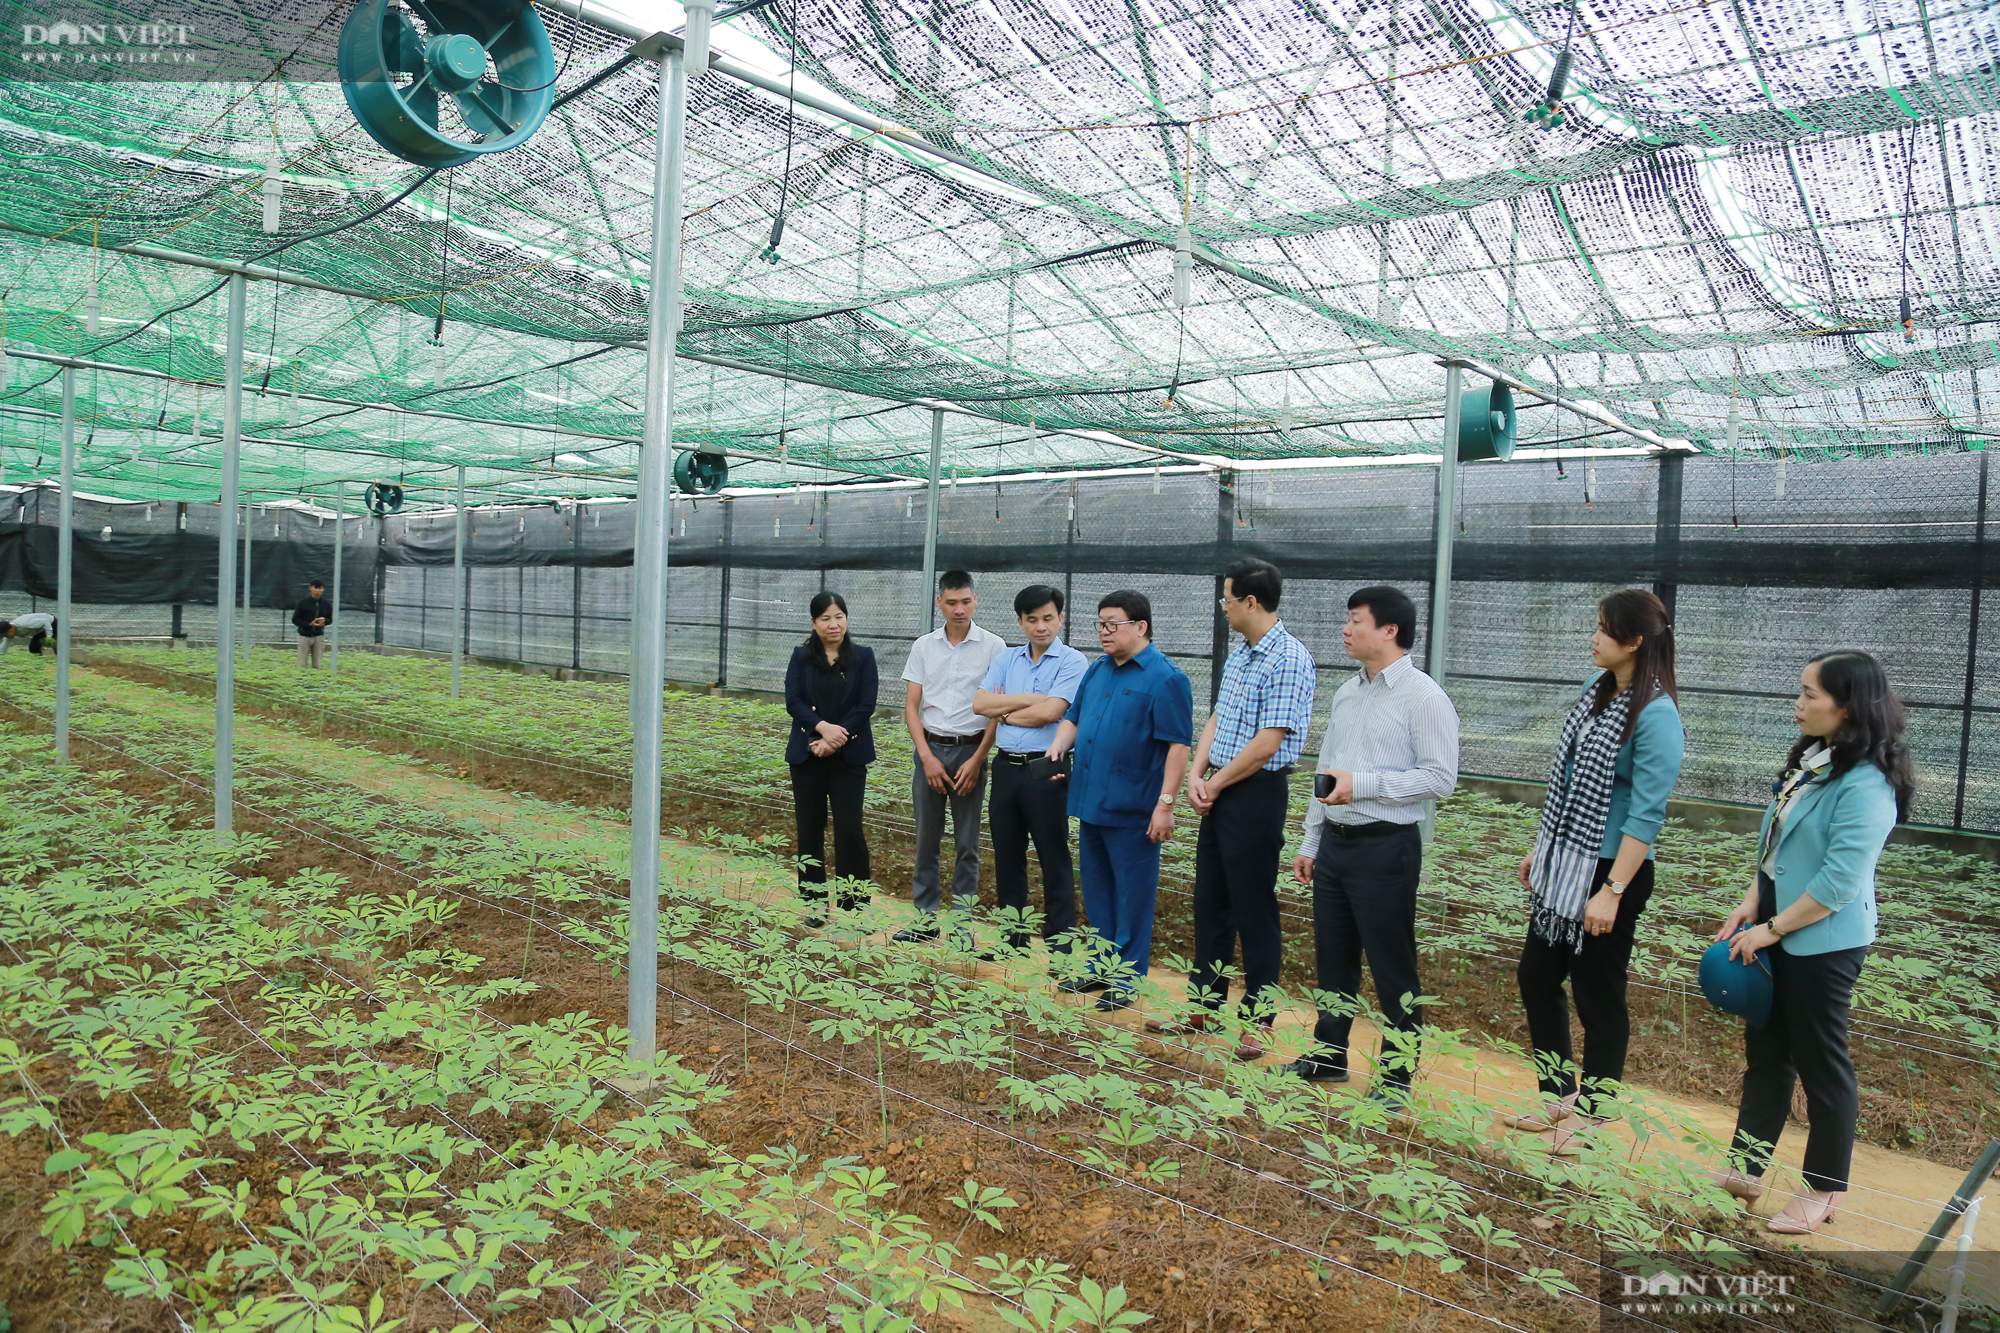 Chủ tịch Hội Nông dân Việt Nam thăm trại nghiên cứu cây ăn quả đặc sản ở biên giới - Ảnh 10.